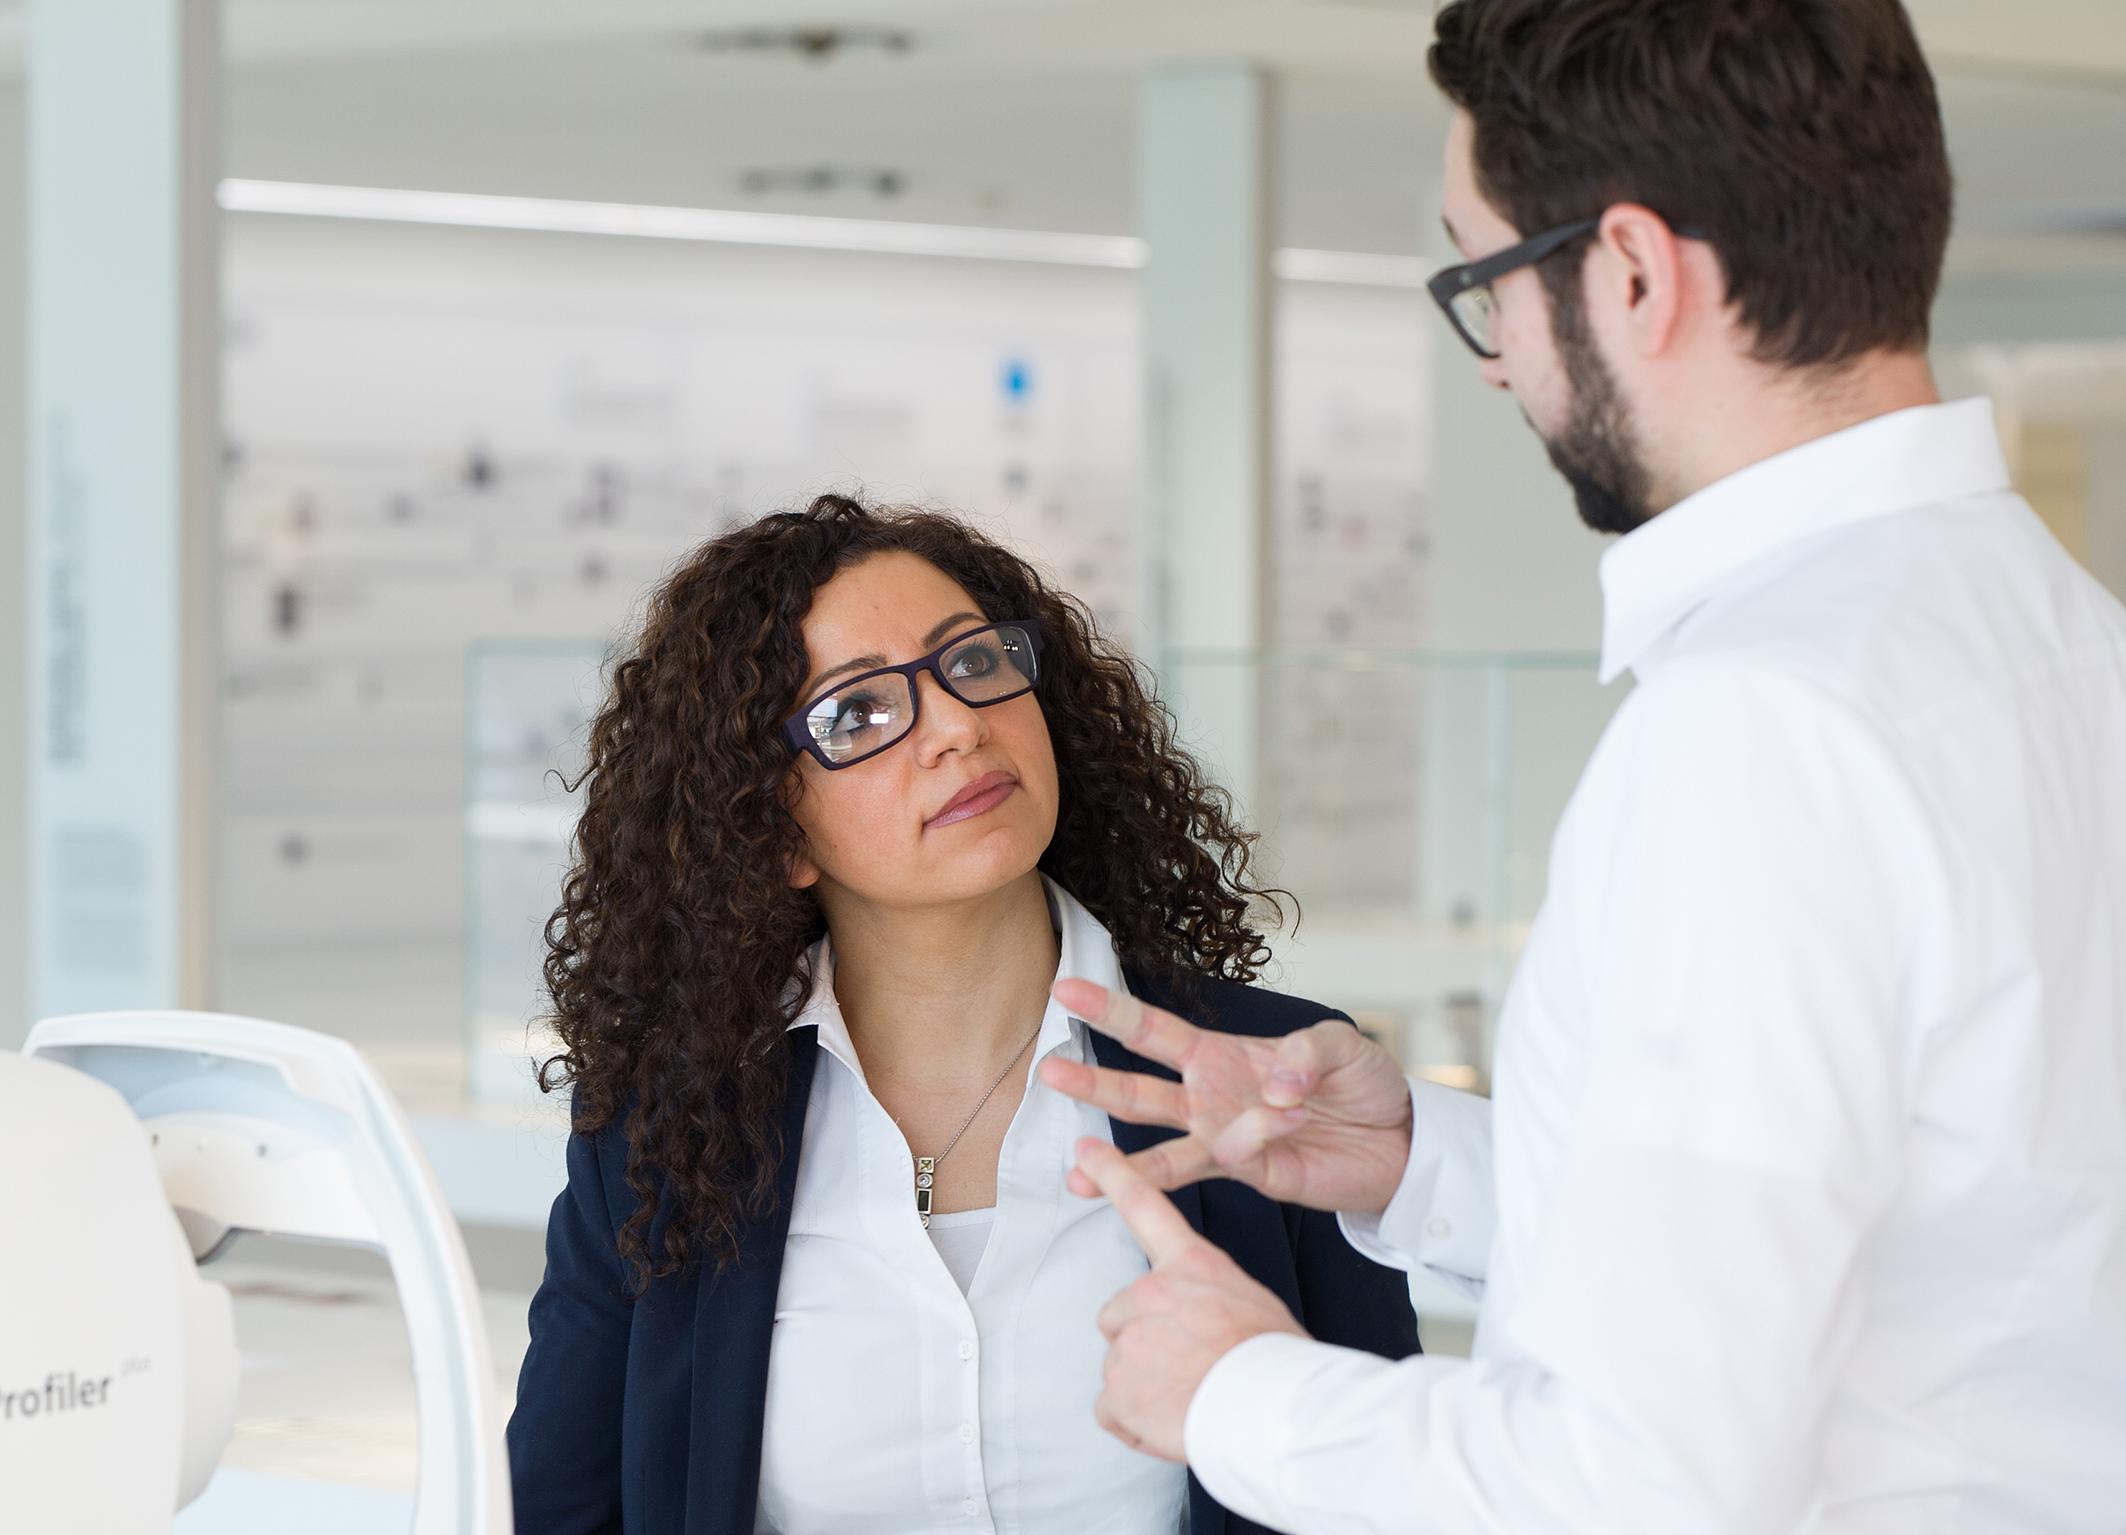 Zeiss und Telekom entwickeln Datenbrillen